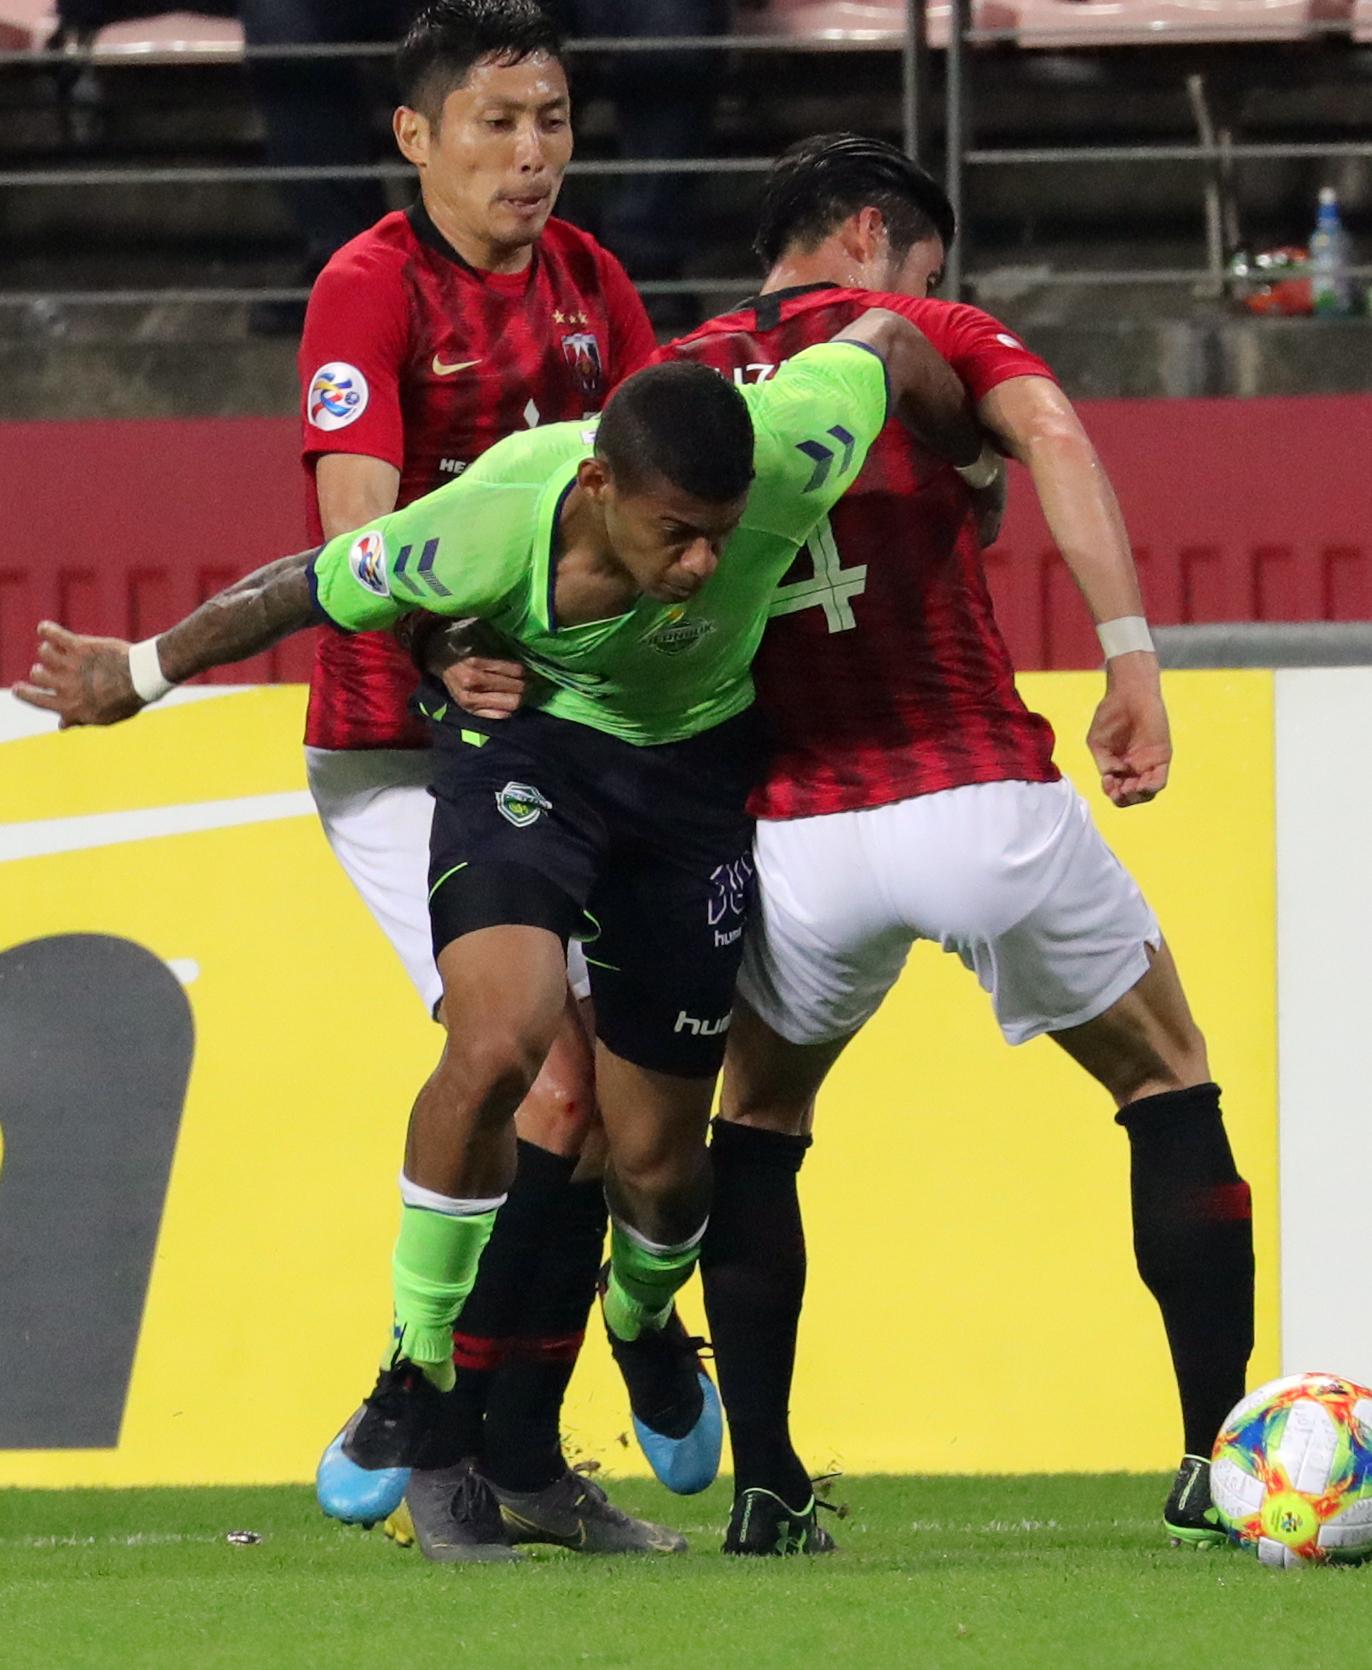 로페즈는 지난달 24일 전주월드컵경기장에서 열린 우라와 레즈와 아시아 챔피언스리그 경기에서 1골 1도움을 몰아쳤다. [뉴스1]